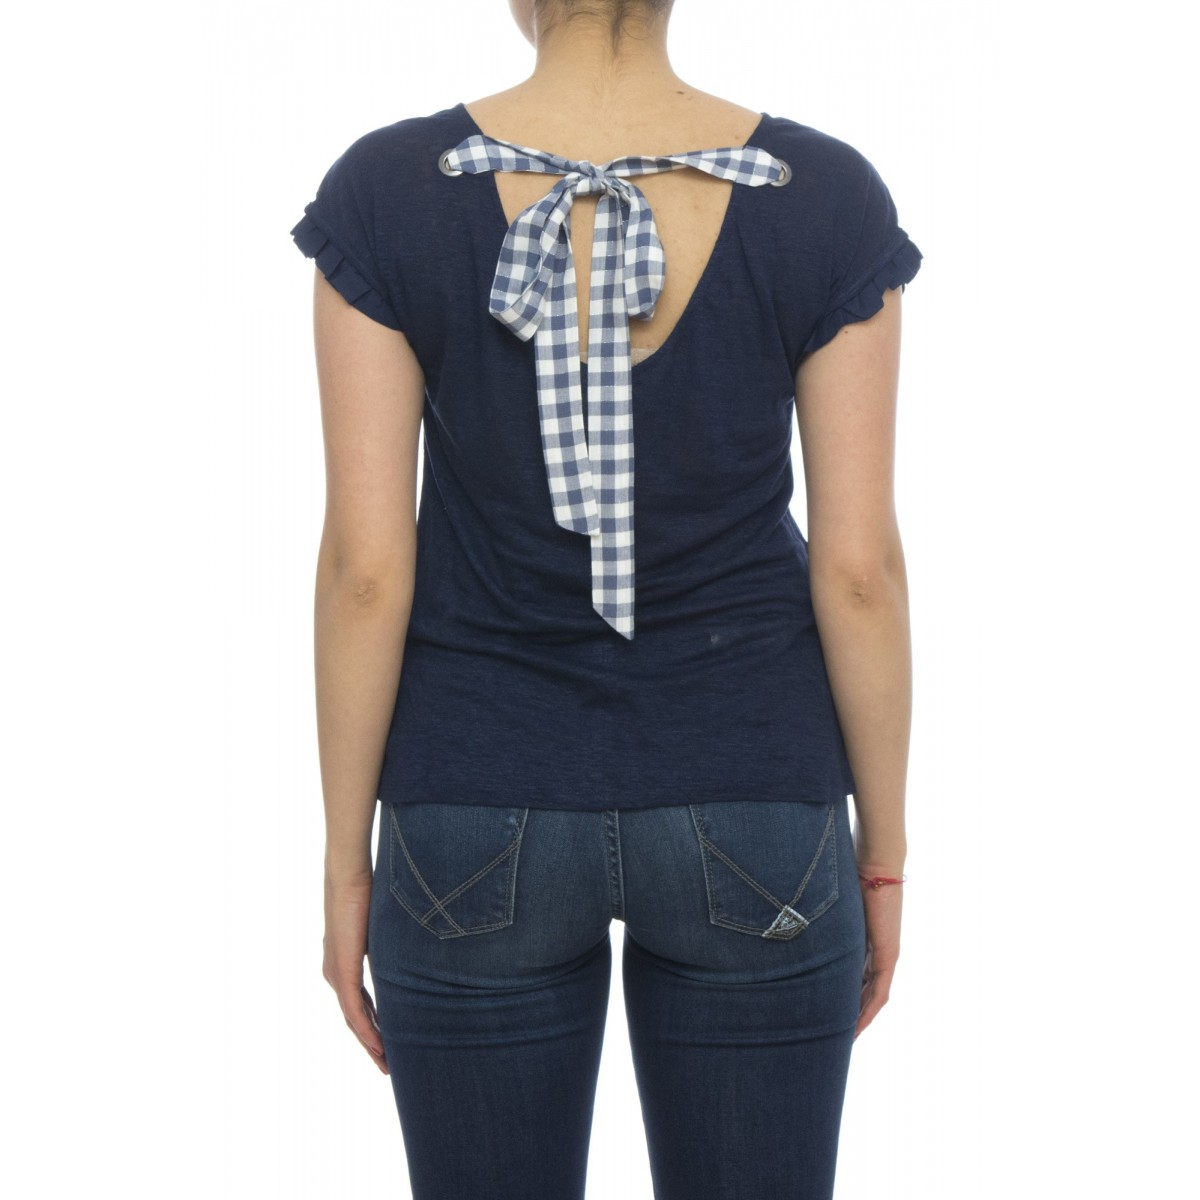 T-shirt - Eoghan t-shirt lino fiocco